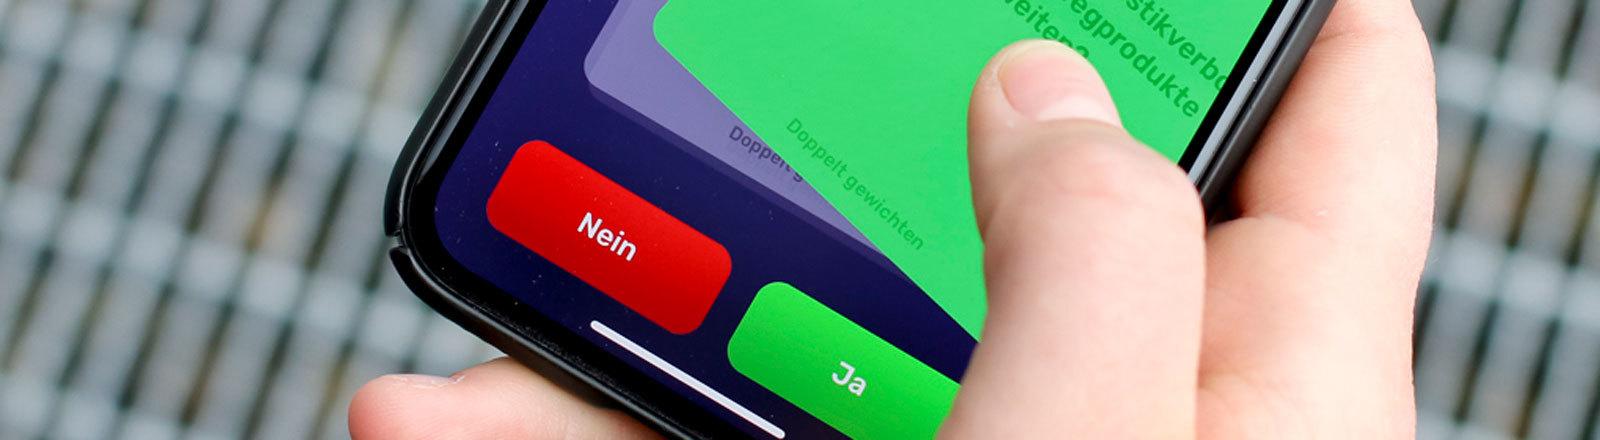 Vote-Swiper-App; Bild darf nur in Verbindung mit Nachricht verwendet werden